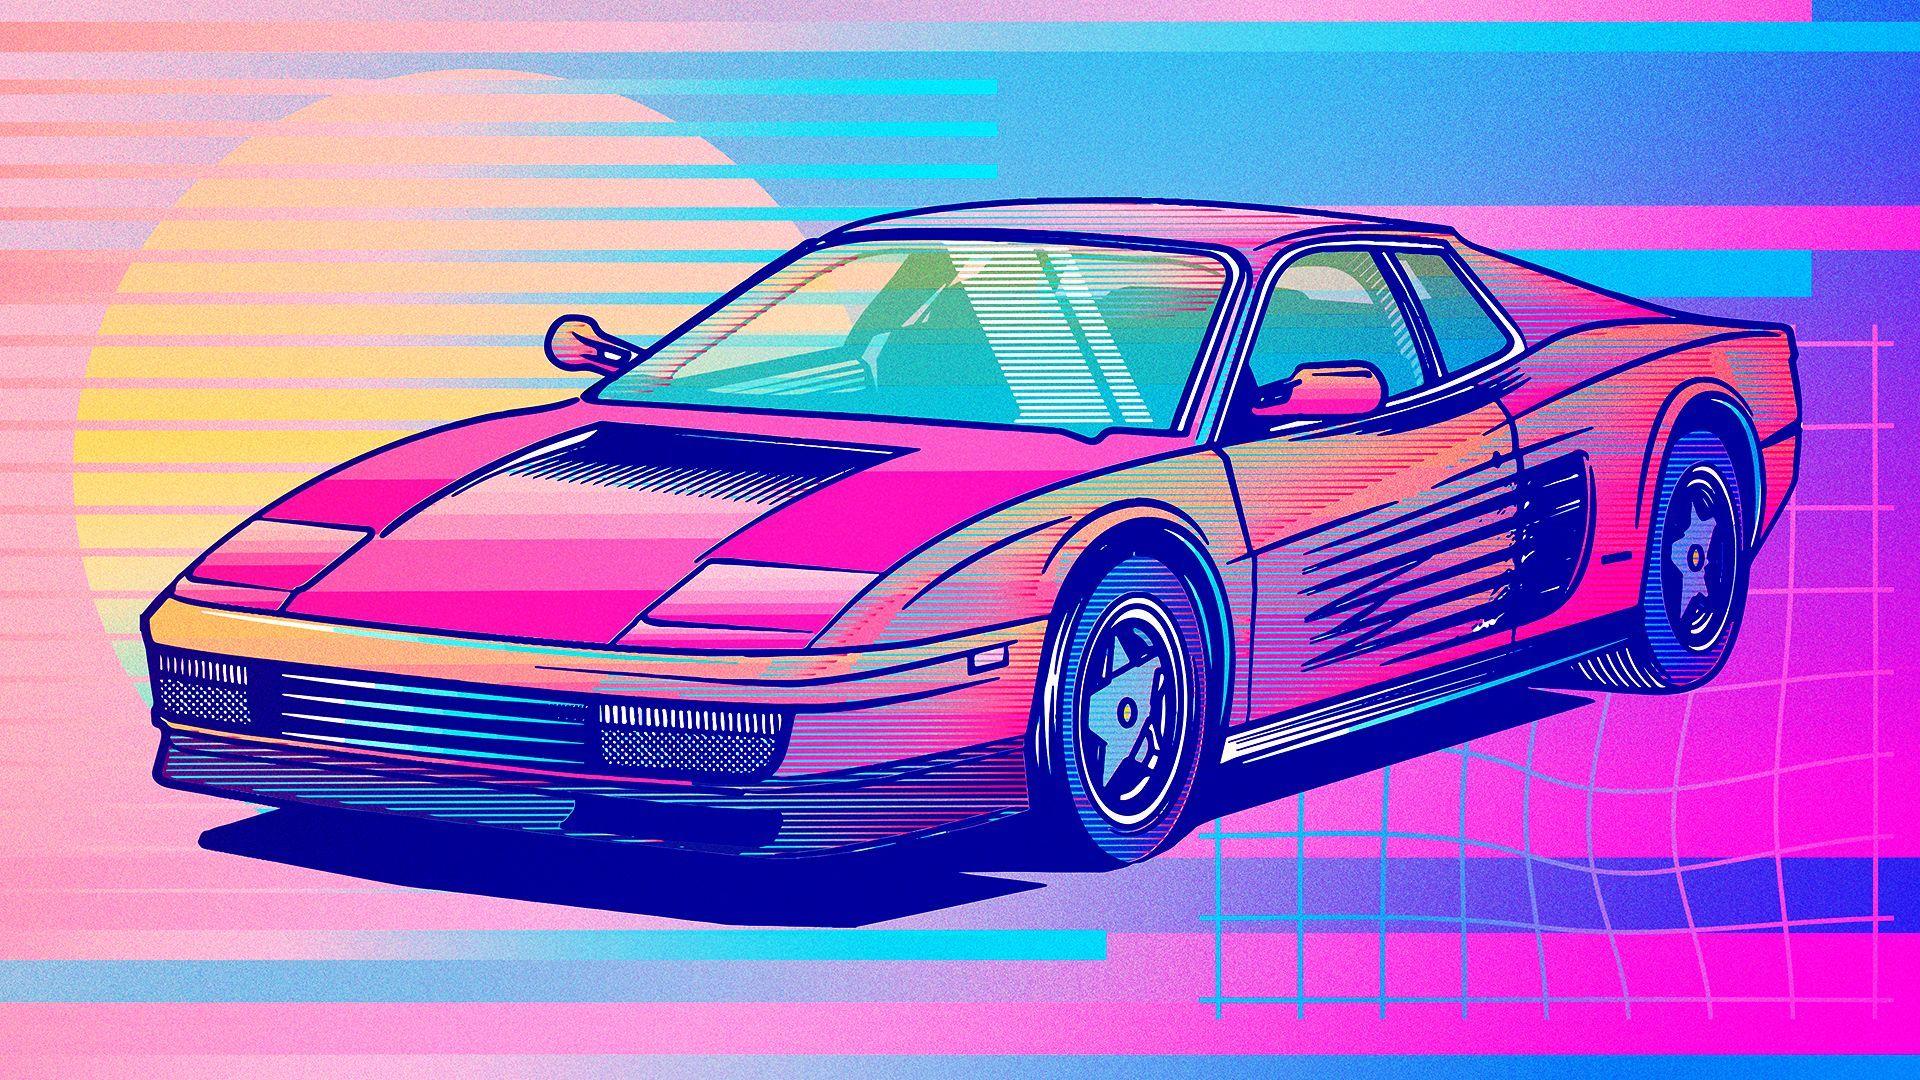 Aesthetic Car Desktop Wallpapers Wallpaper Cave